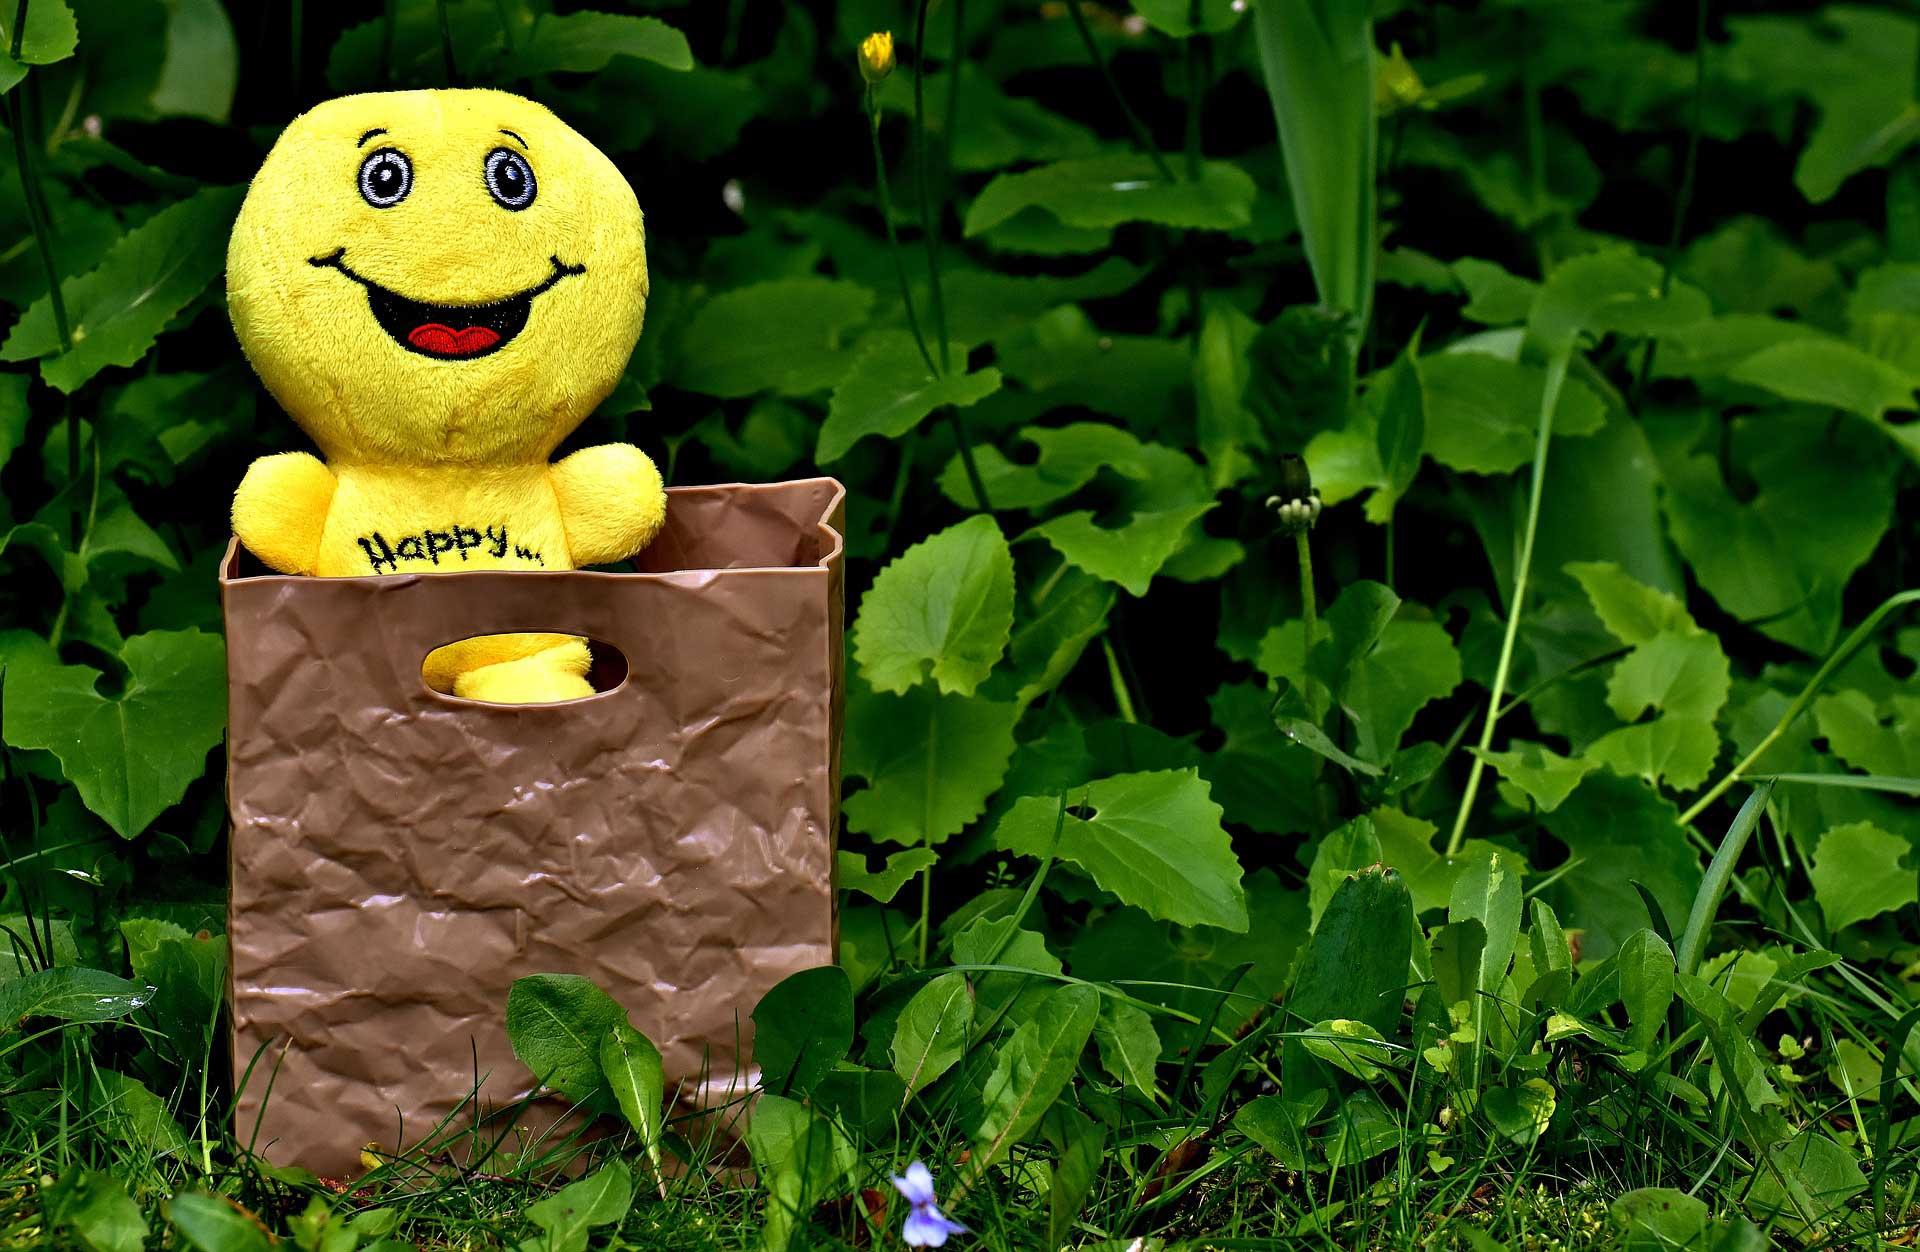 Yesil Yapraklar Arasinda Mutlu Bir Oyuncak